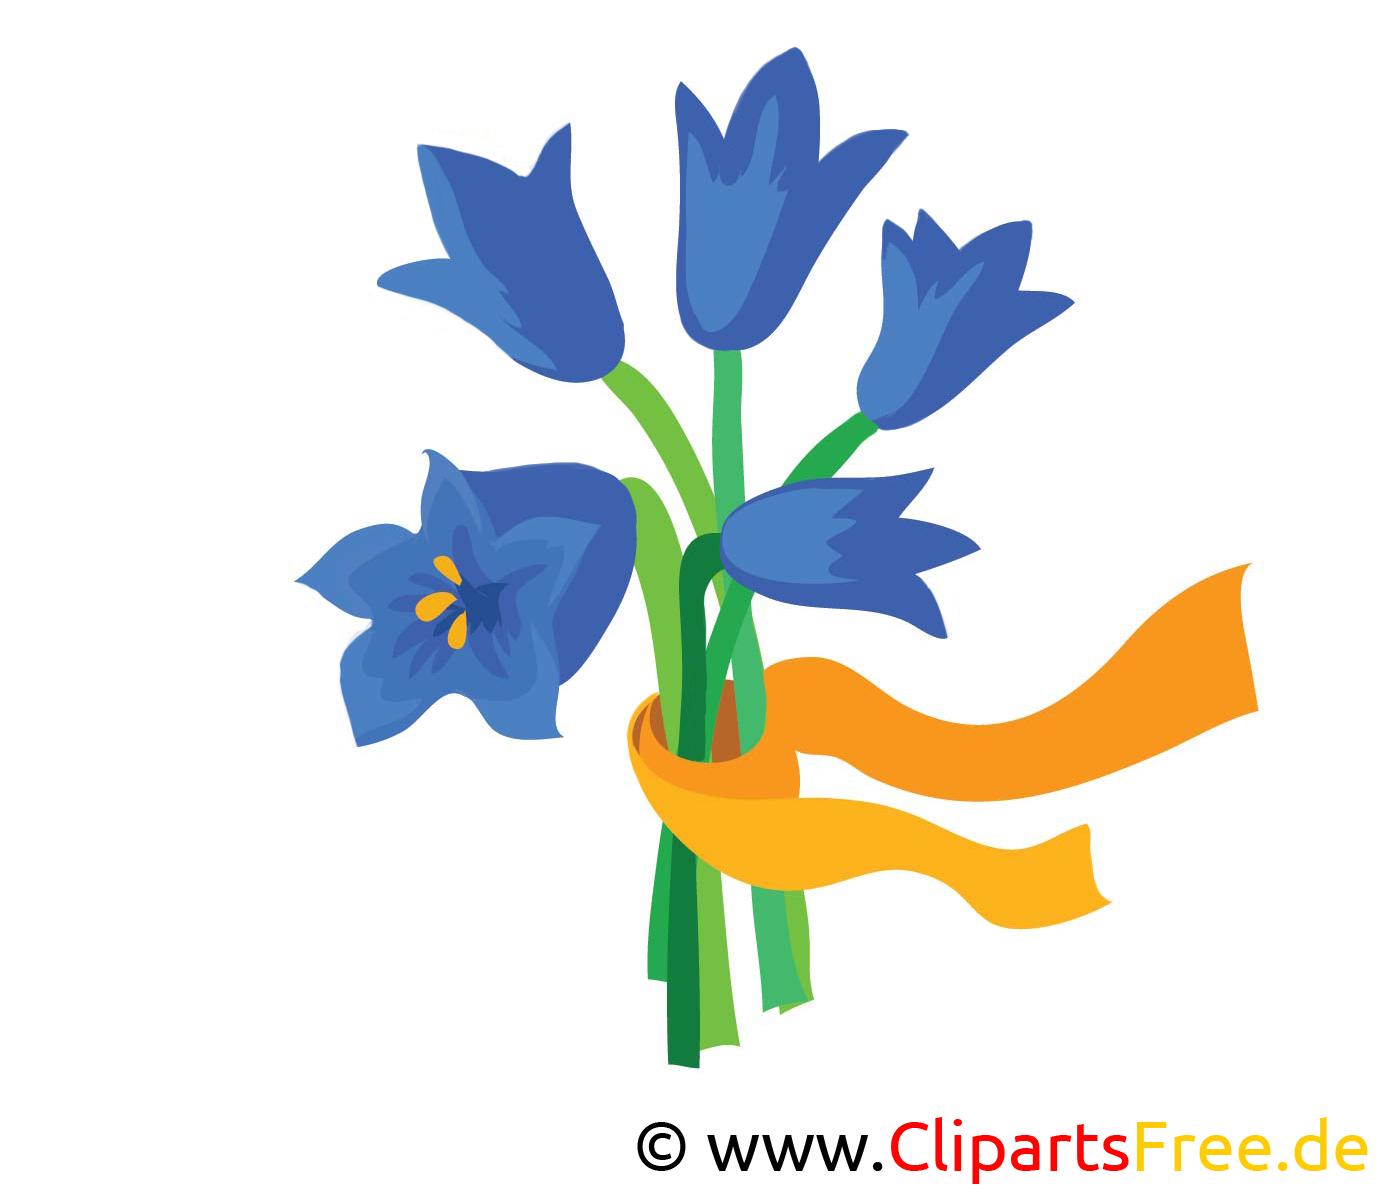 Dessins gratuits fleurs clipart à télécharger